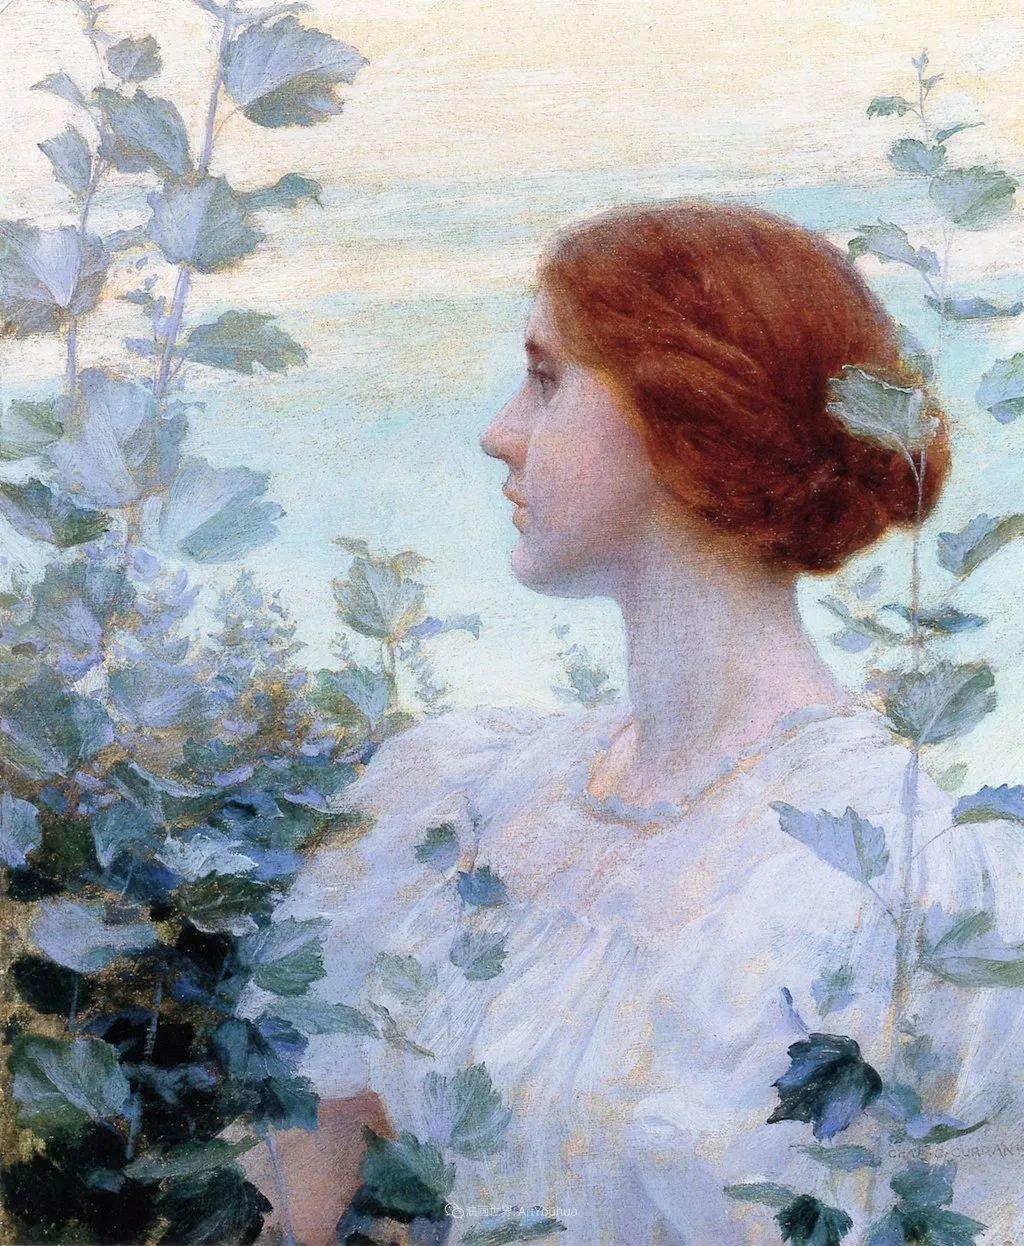 他画笔下的女人, 犹如春天的茉莉花, 清香、娇艳而不失典雅!插图7